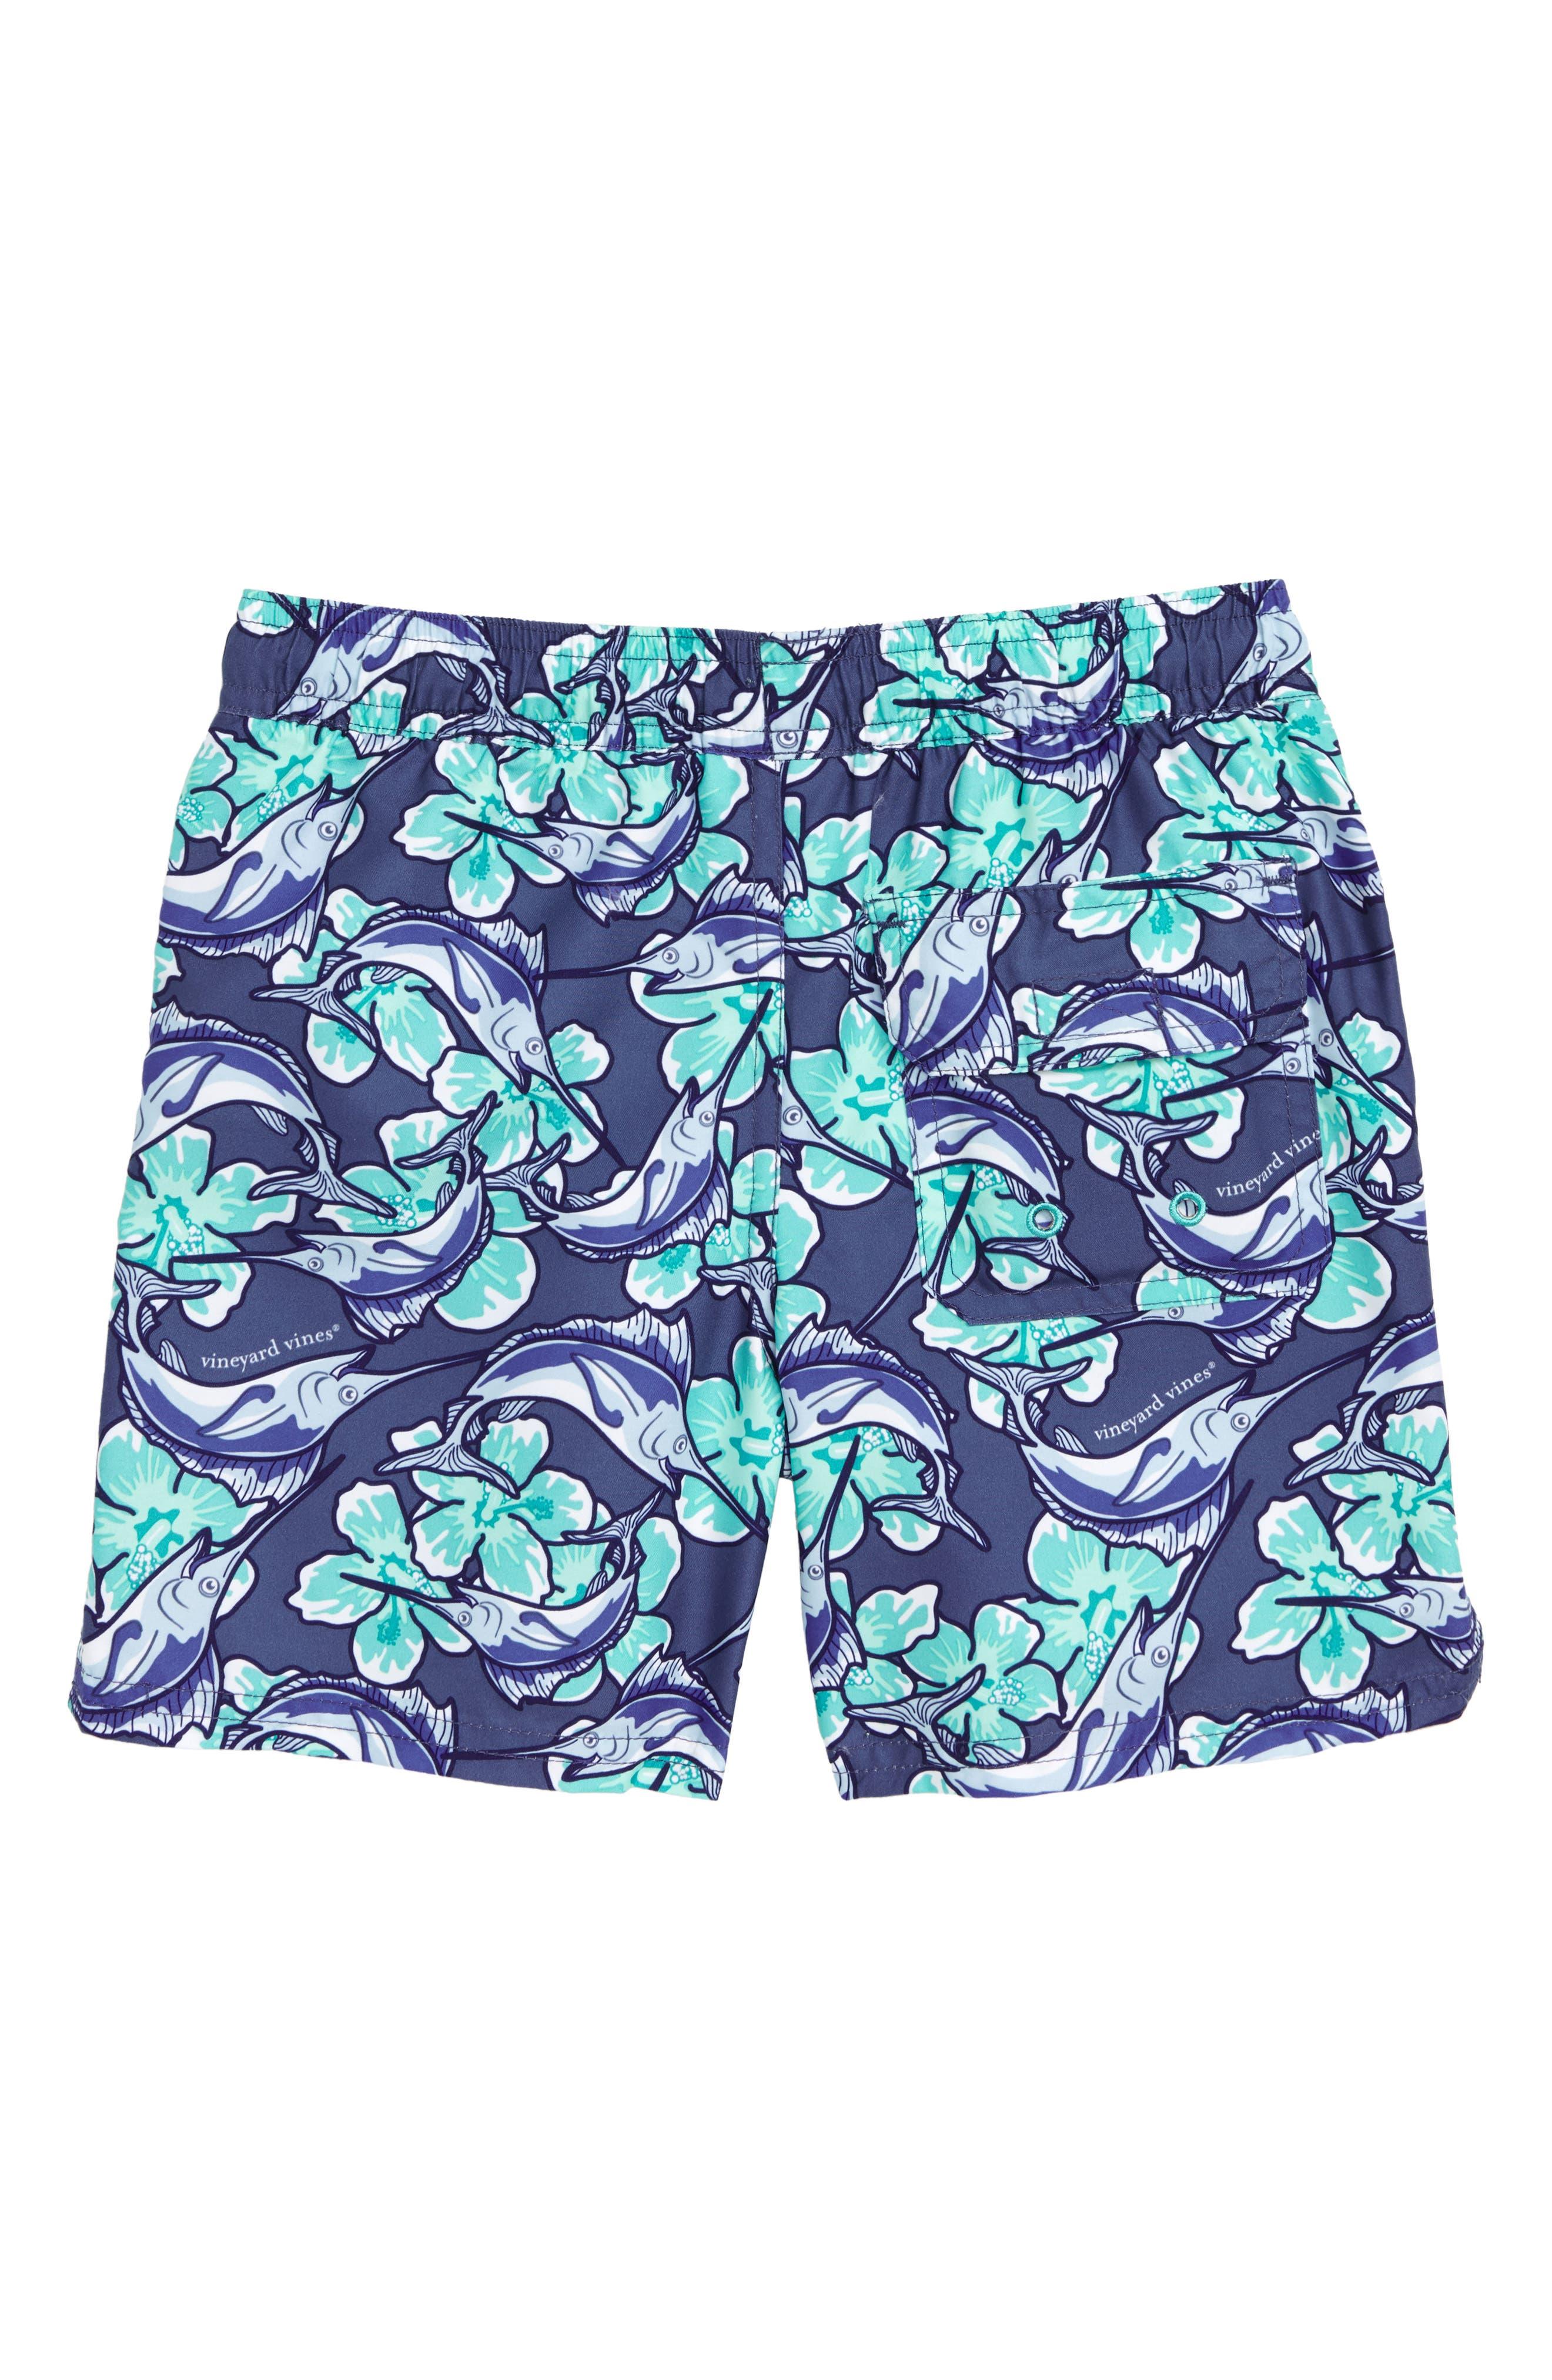 Chappy Marlin Flower Swim Trunks,                             Alternate thumbnail 2, color,                             MOONSHINE